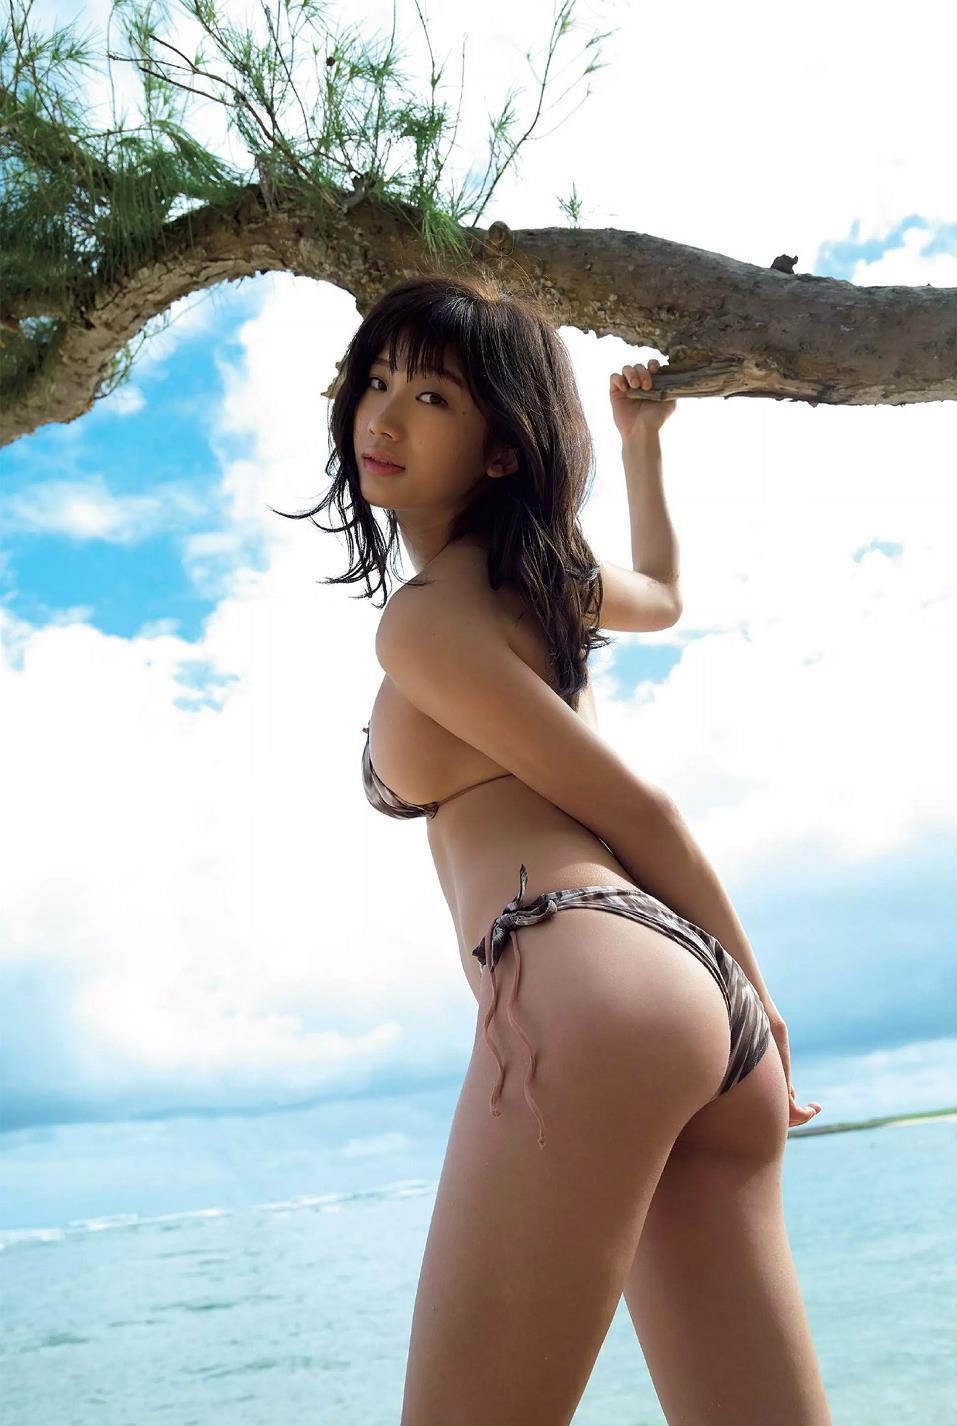 ogura_yuuka198.jpg